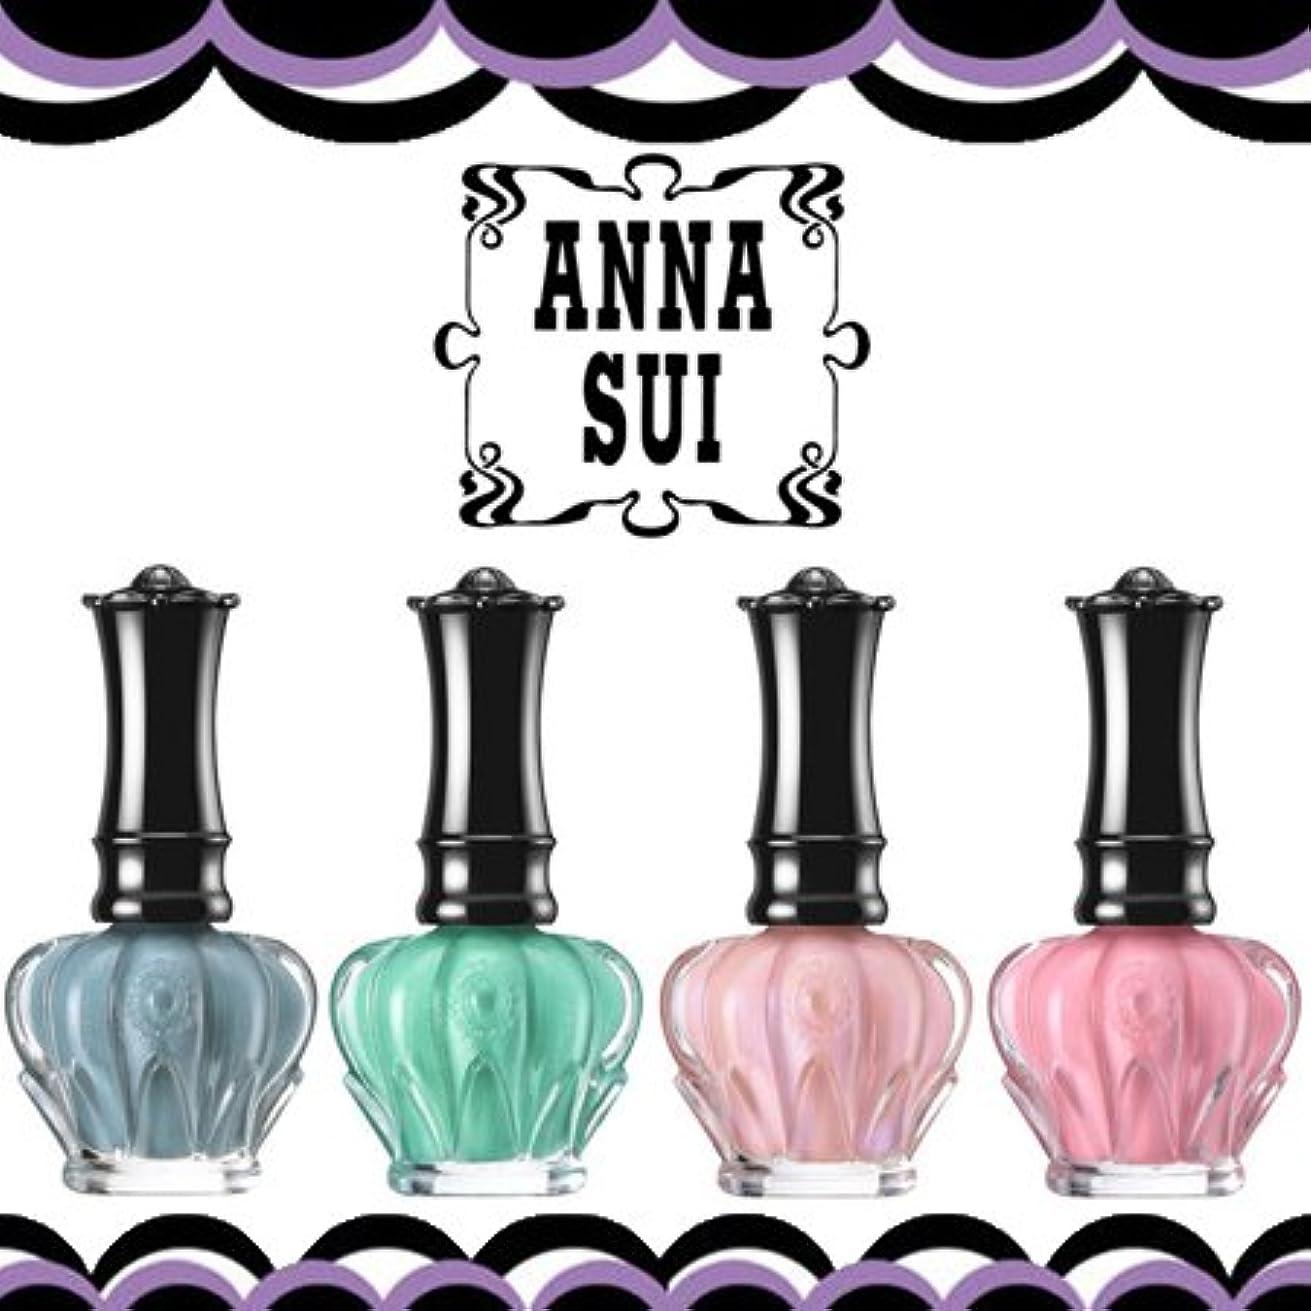 音声学ミサイル女王アナスイ ネイルカラー A S -ANNA SUI-【並行輸入品】 S303